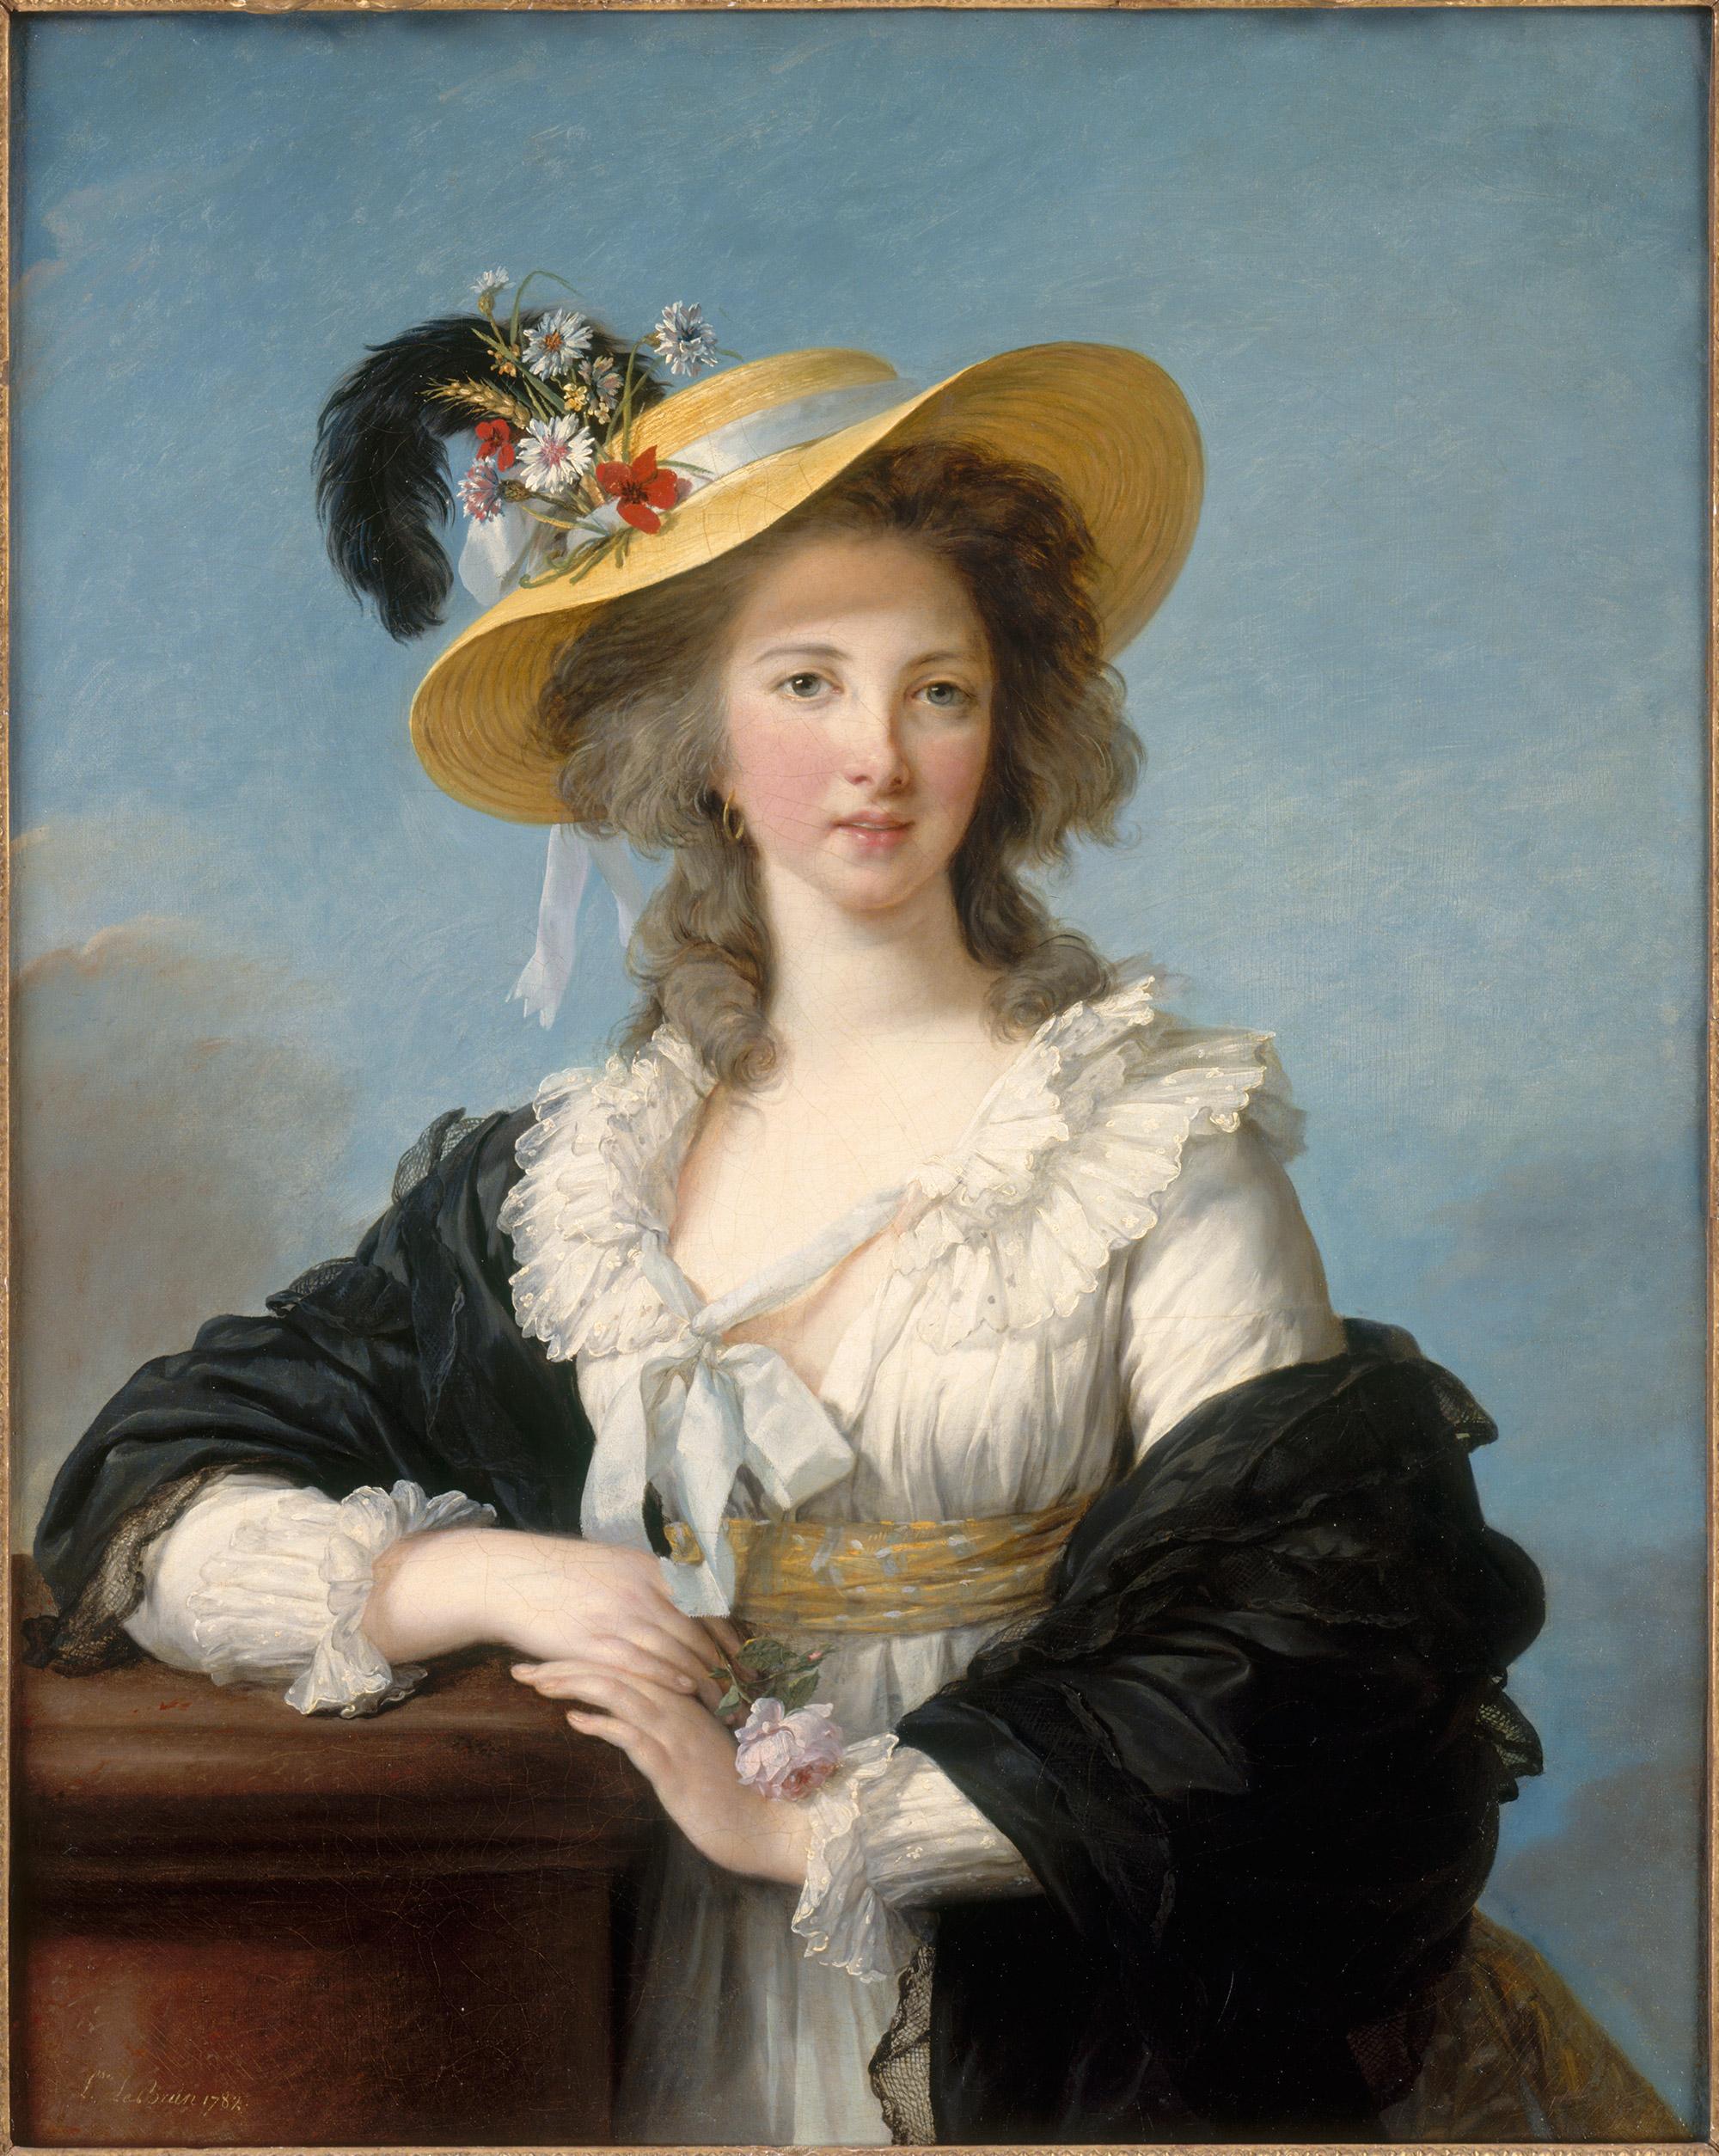 Élisabeth Louise Vigée Le Brun, Gabrielle Yolande Claude Martine de Polastron, duchesse de Polignac, 1782